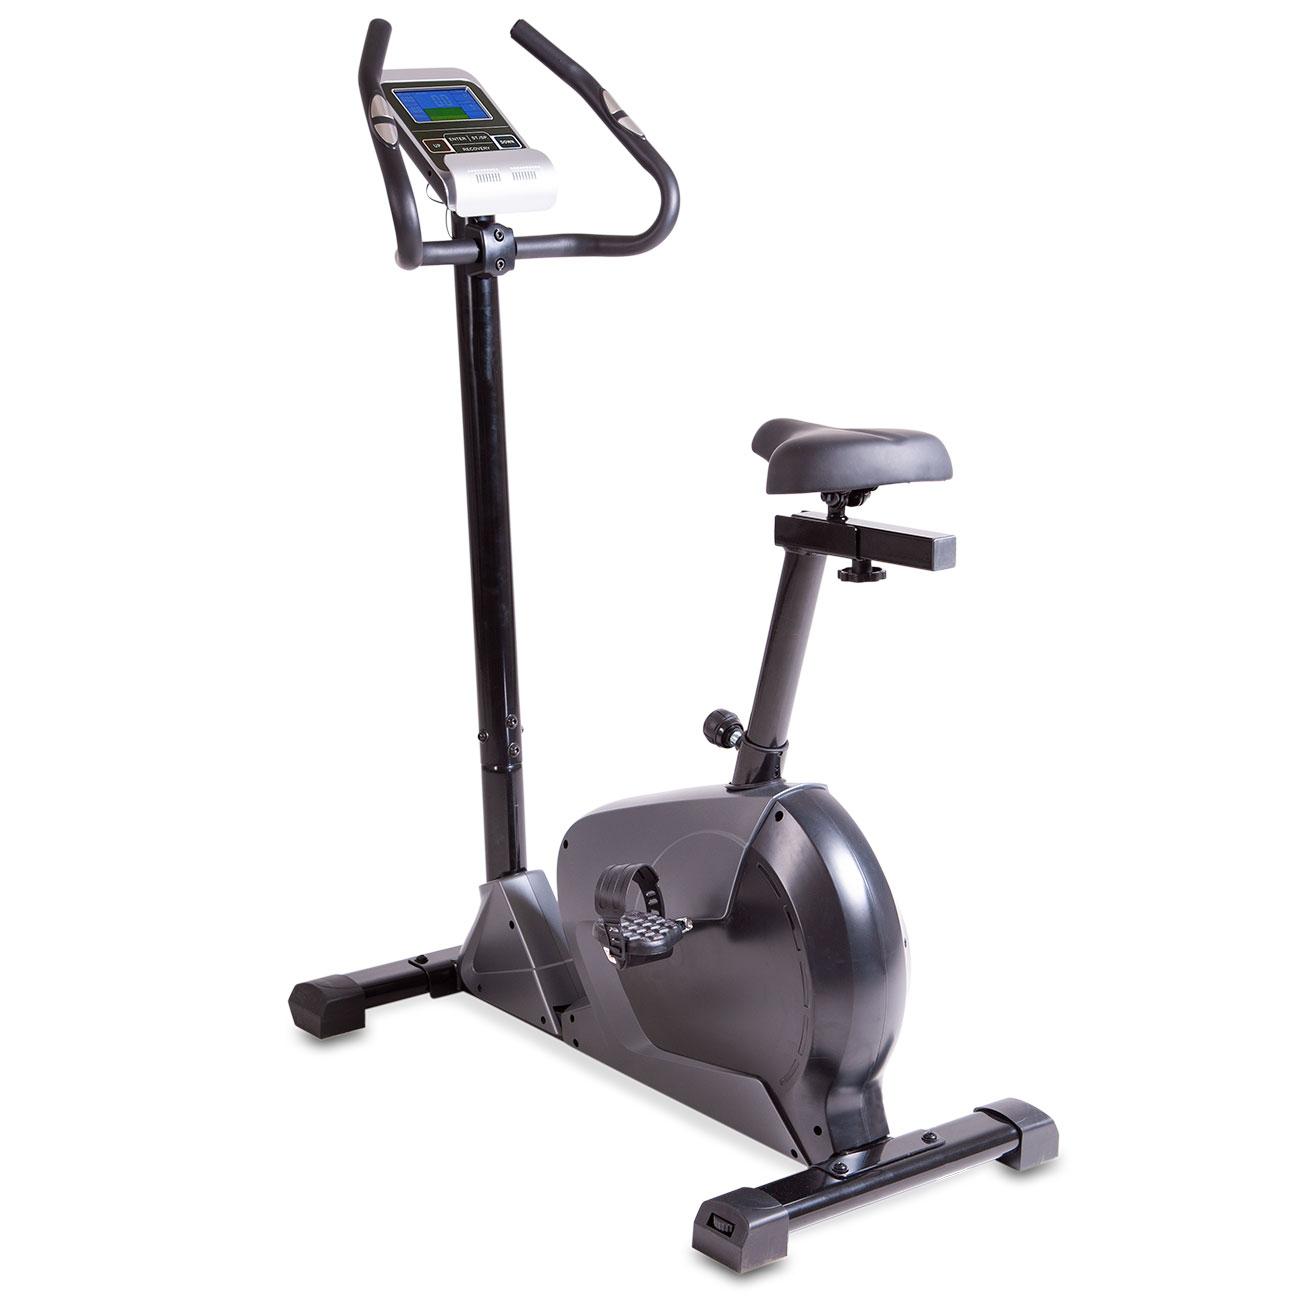 Das Fitness-Ergometer bietet Ihnen einen leichten Einstieg, einen multiverstellbaren Sattel, einen neigungsverstellbaren Lenker mit Sensoren zur Handpulsmessung und rutschsichere Pedalen mit Fußschlaufen.